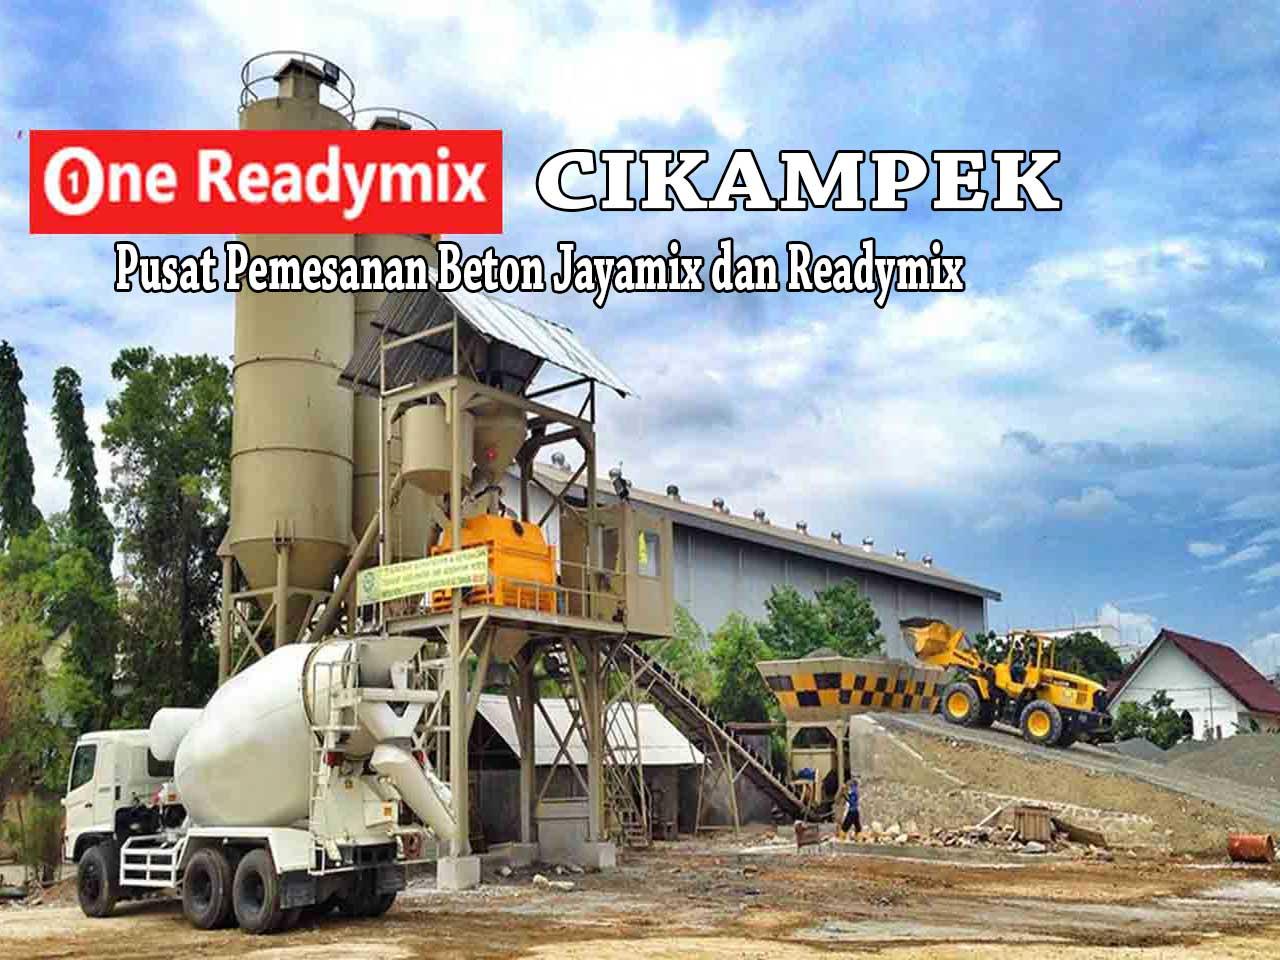 harga beton jayamix cikampek 2019